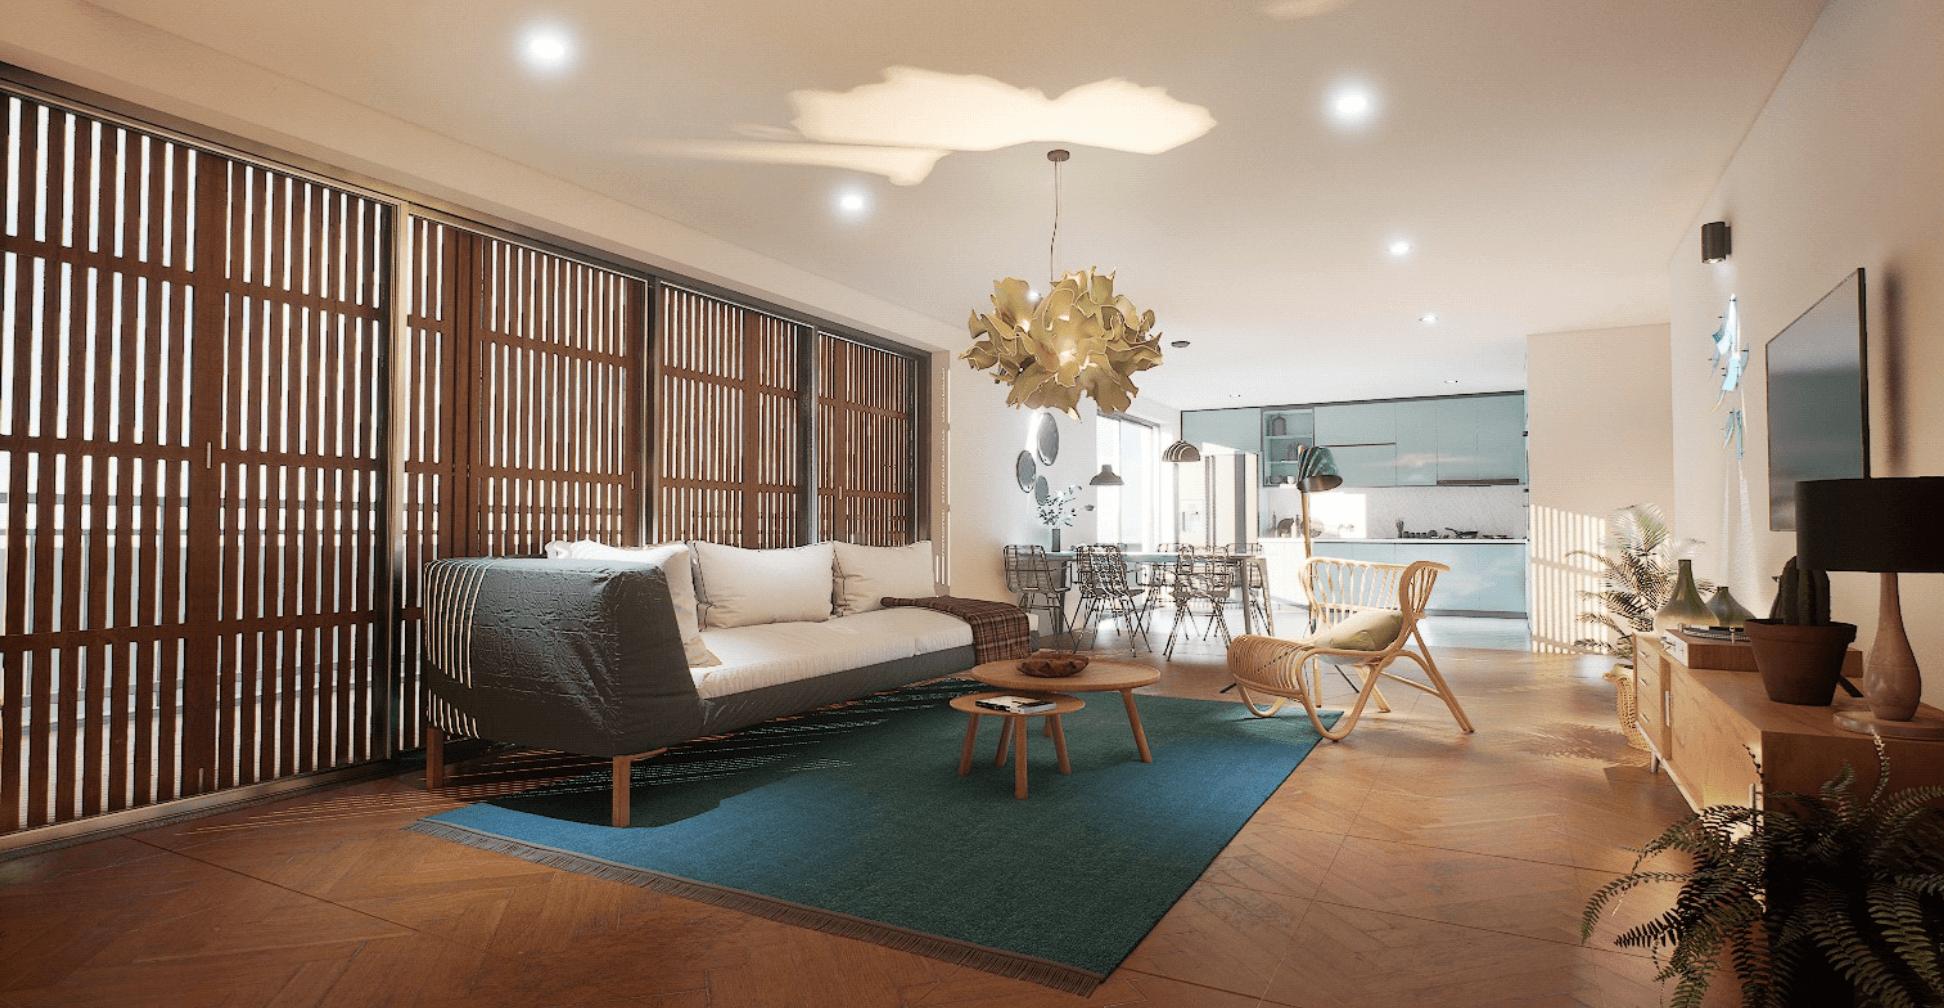 Imagem 1 - Estudo interior - ( Apartamento interactivo)